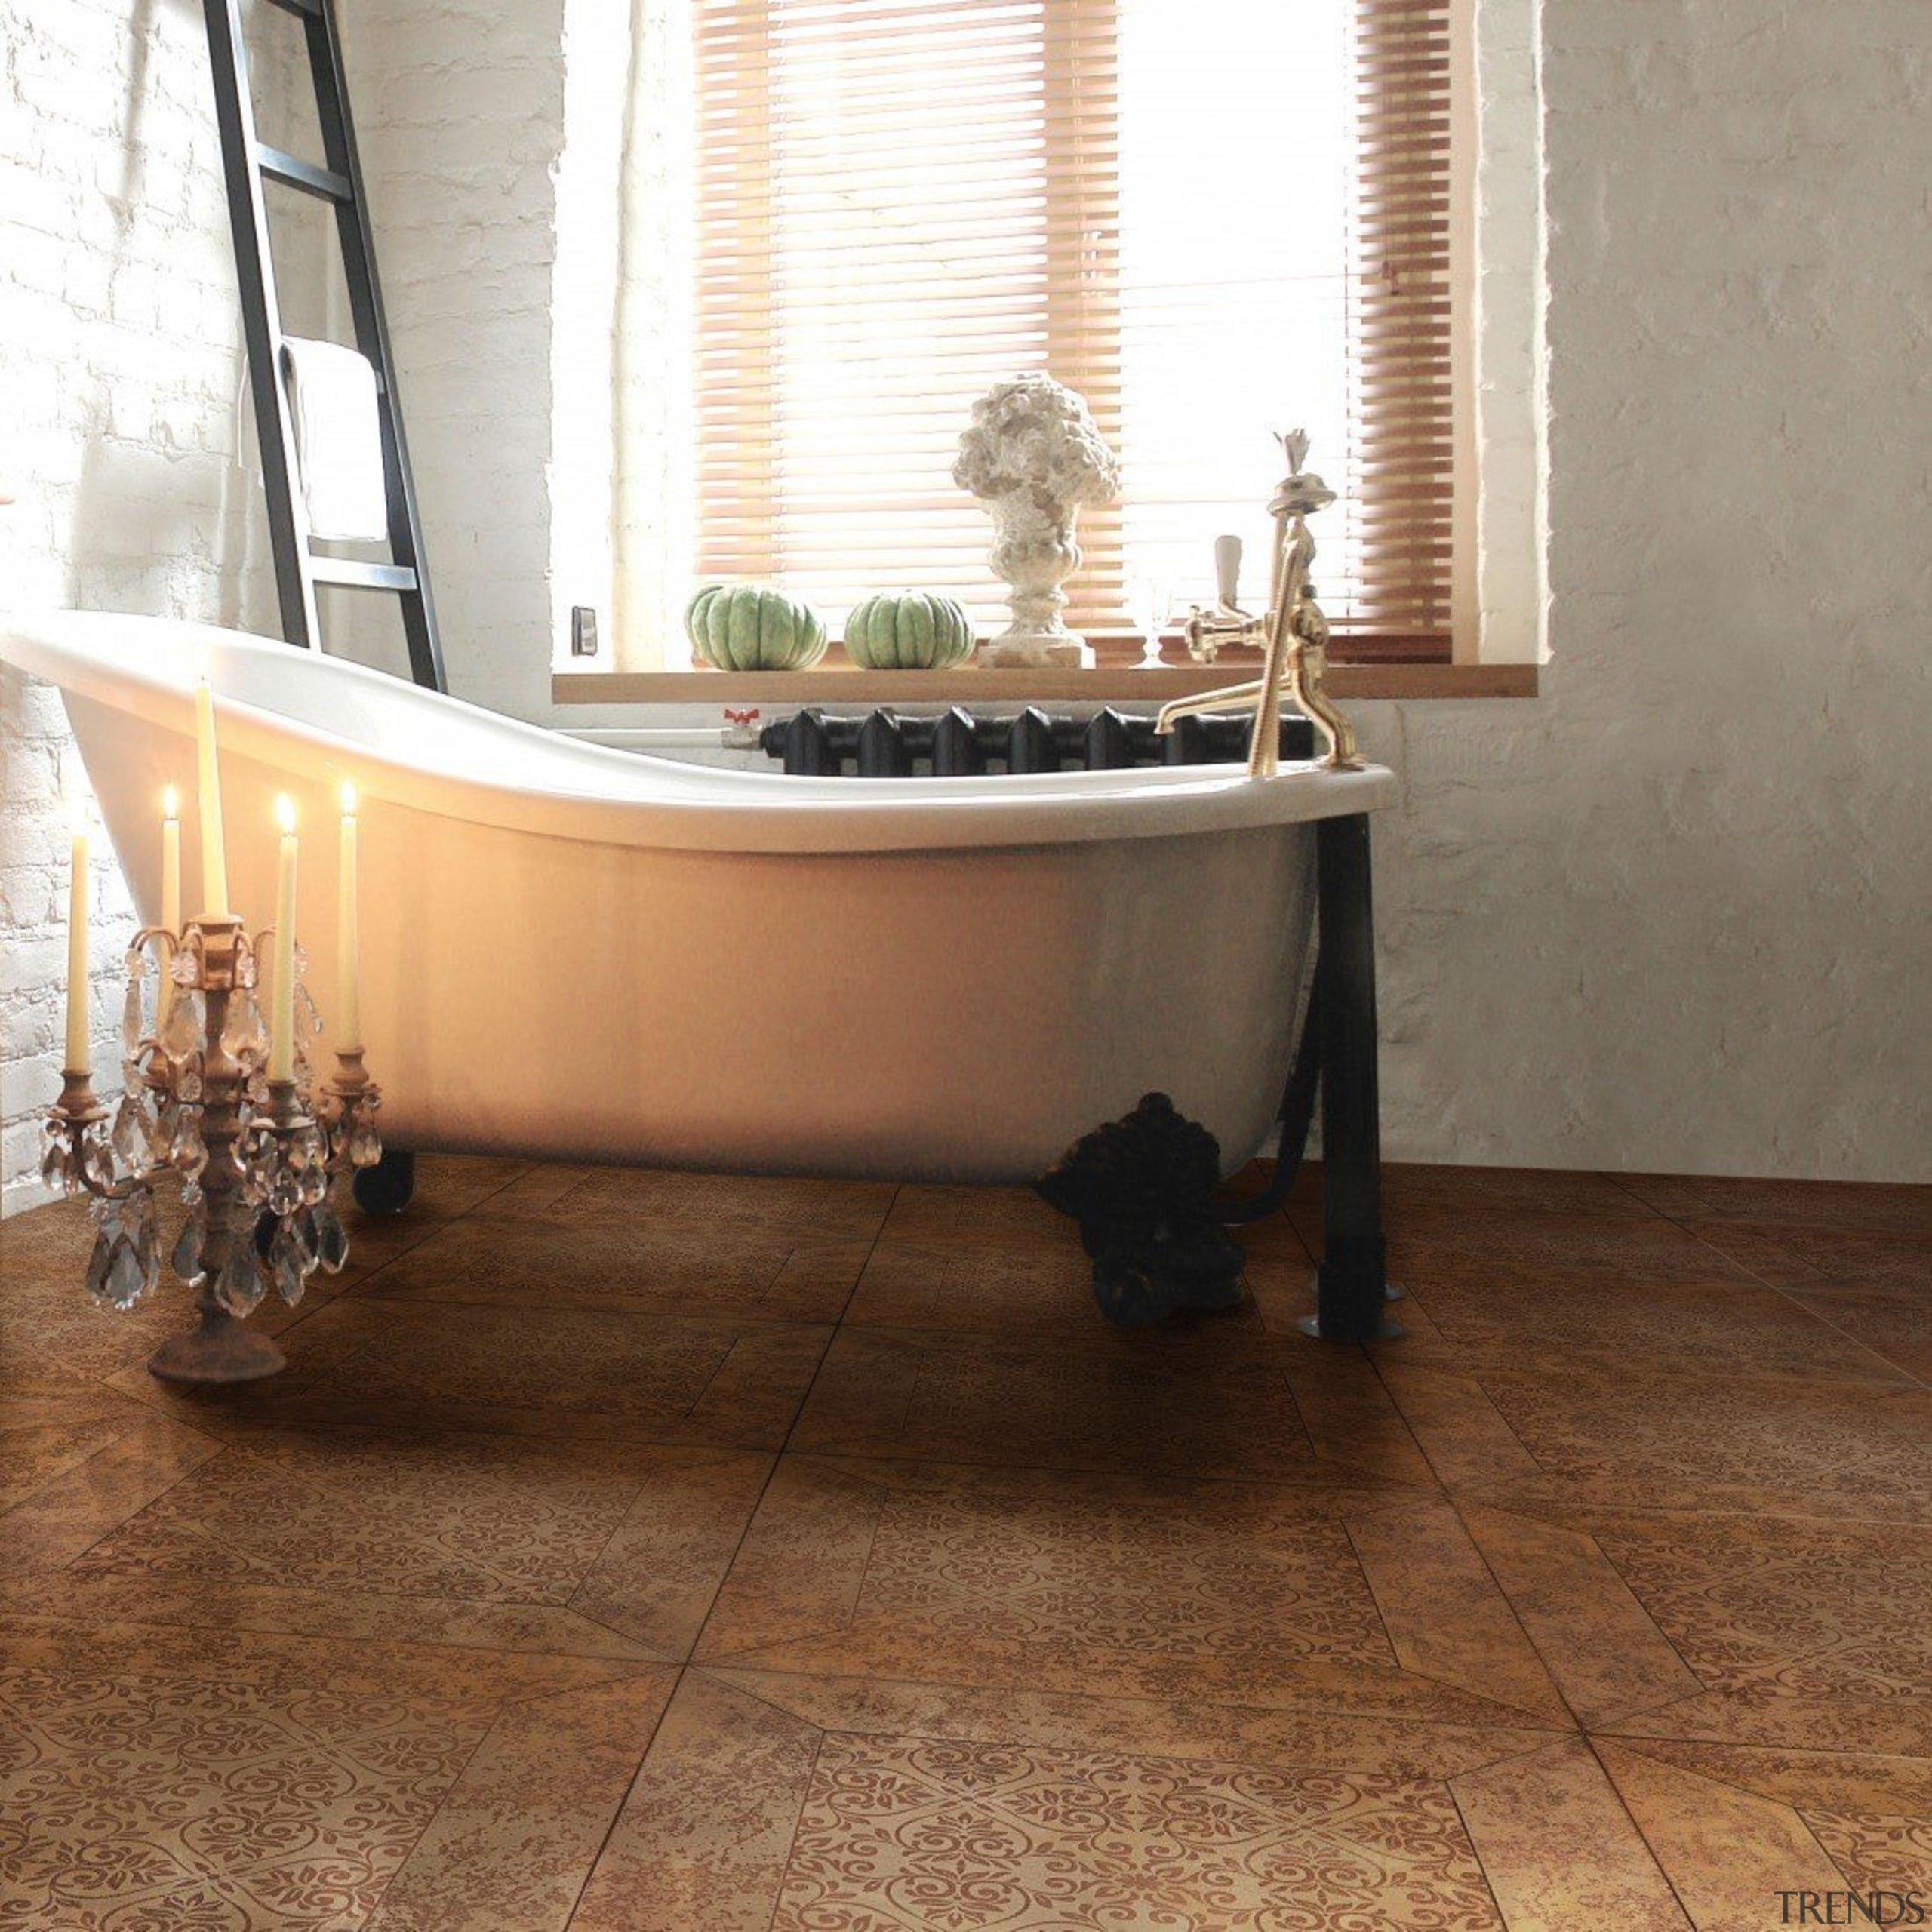 Siena Sun - bathtub | floor | flooring bathtub, floor, flooring, furniture, hardwood, interior design, laminate flooring, property, tile, wood, wood flooring, brown, white